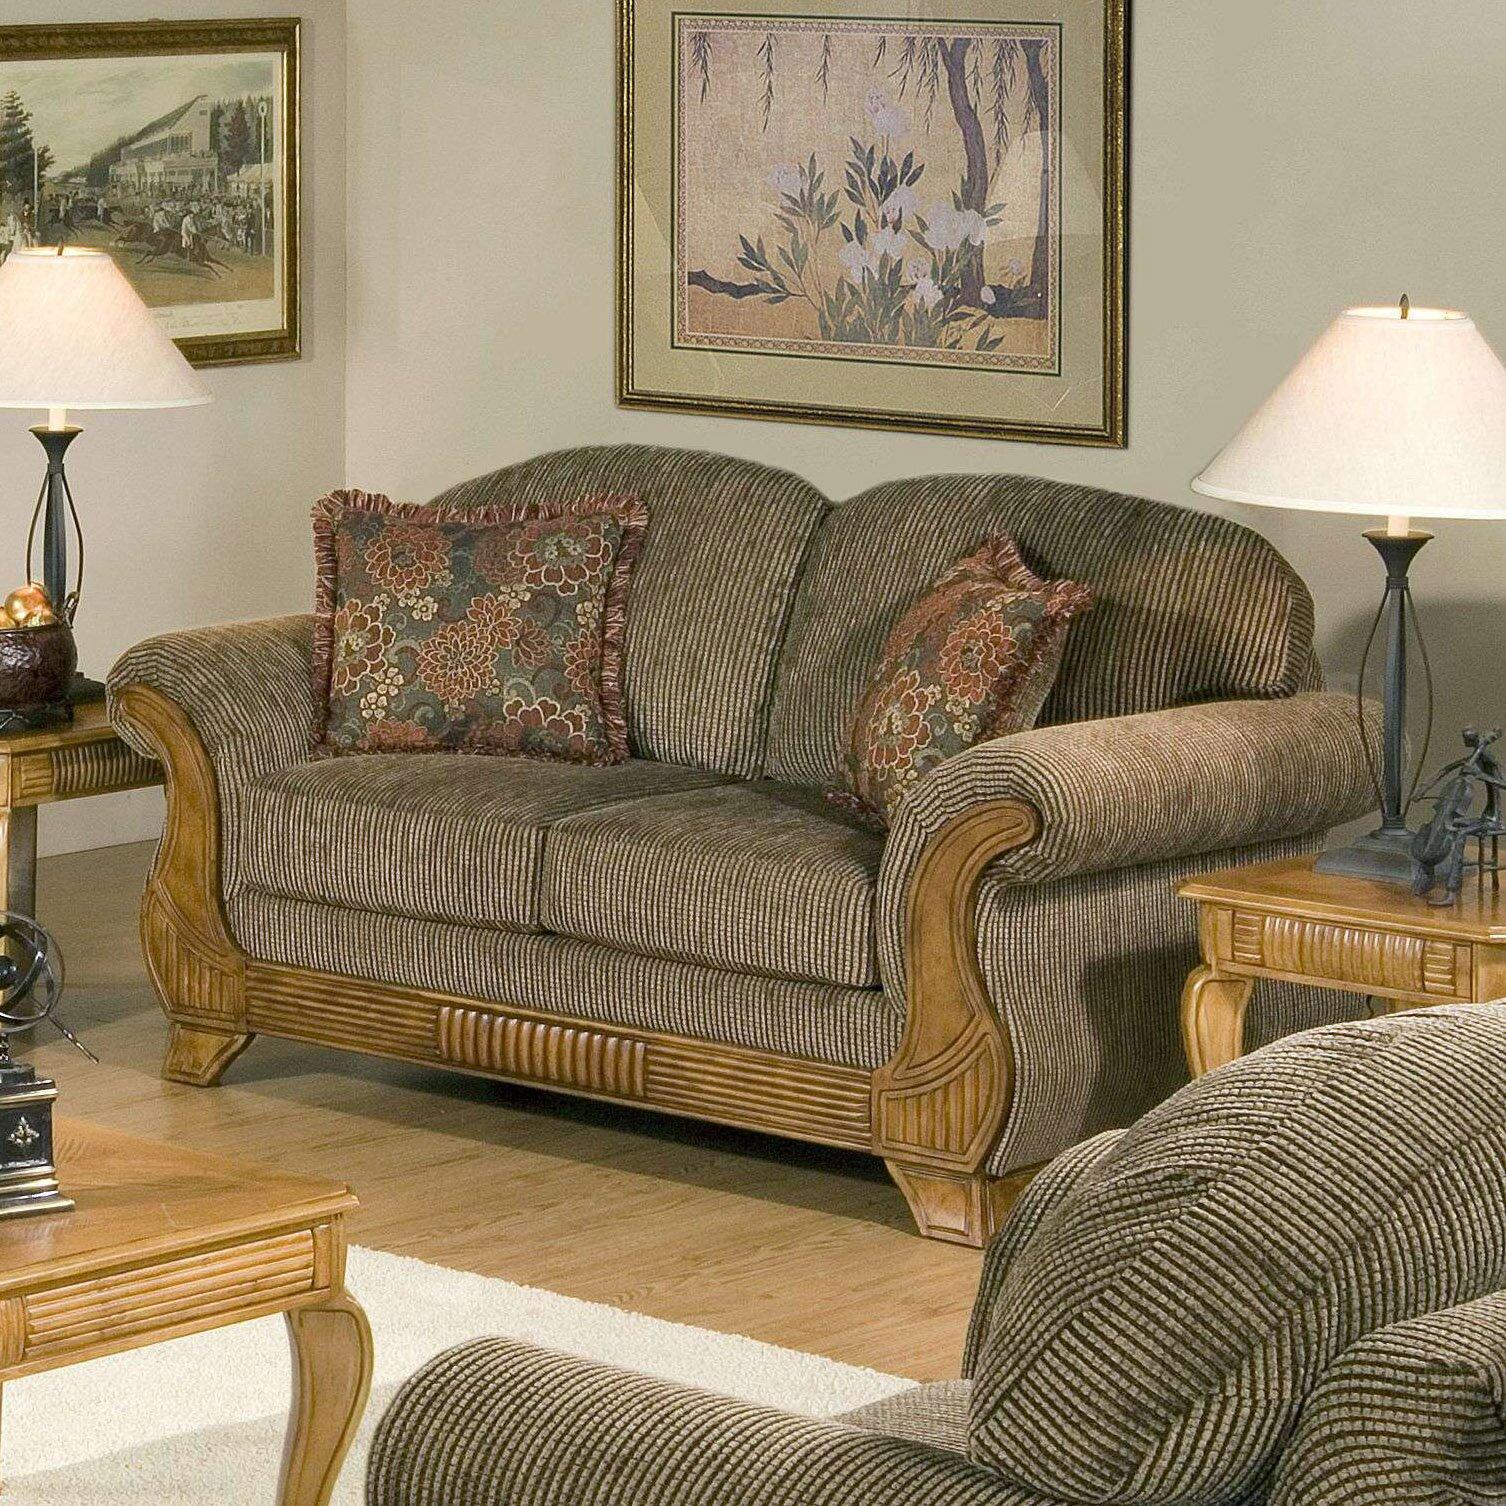 Astoria grand moncalieri living room set reviews wayfair for Wg r living room sets